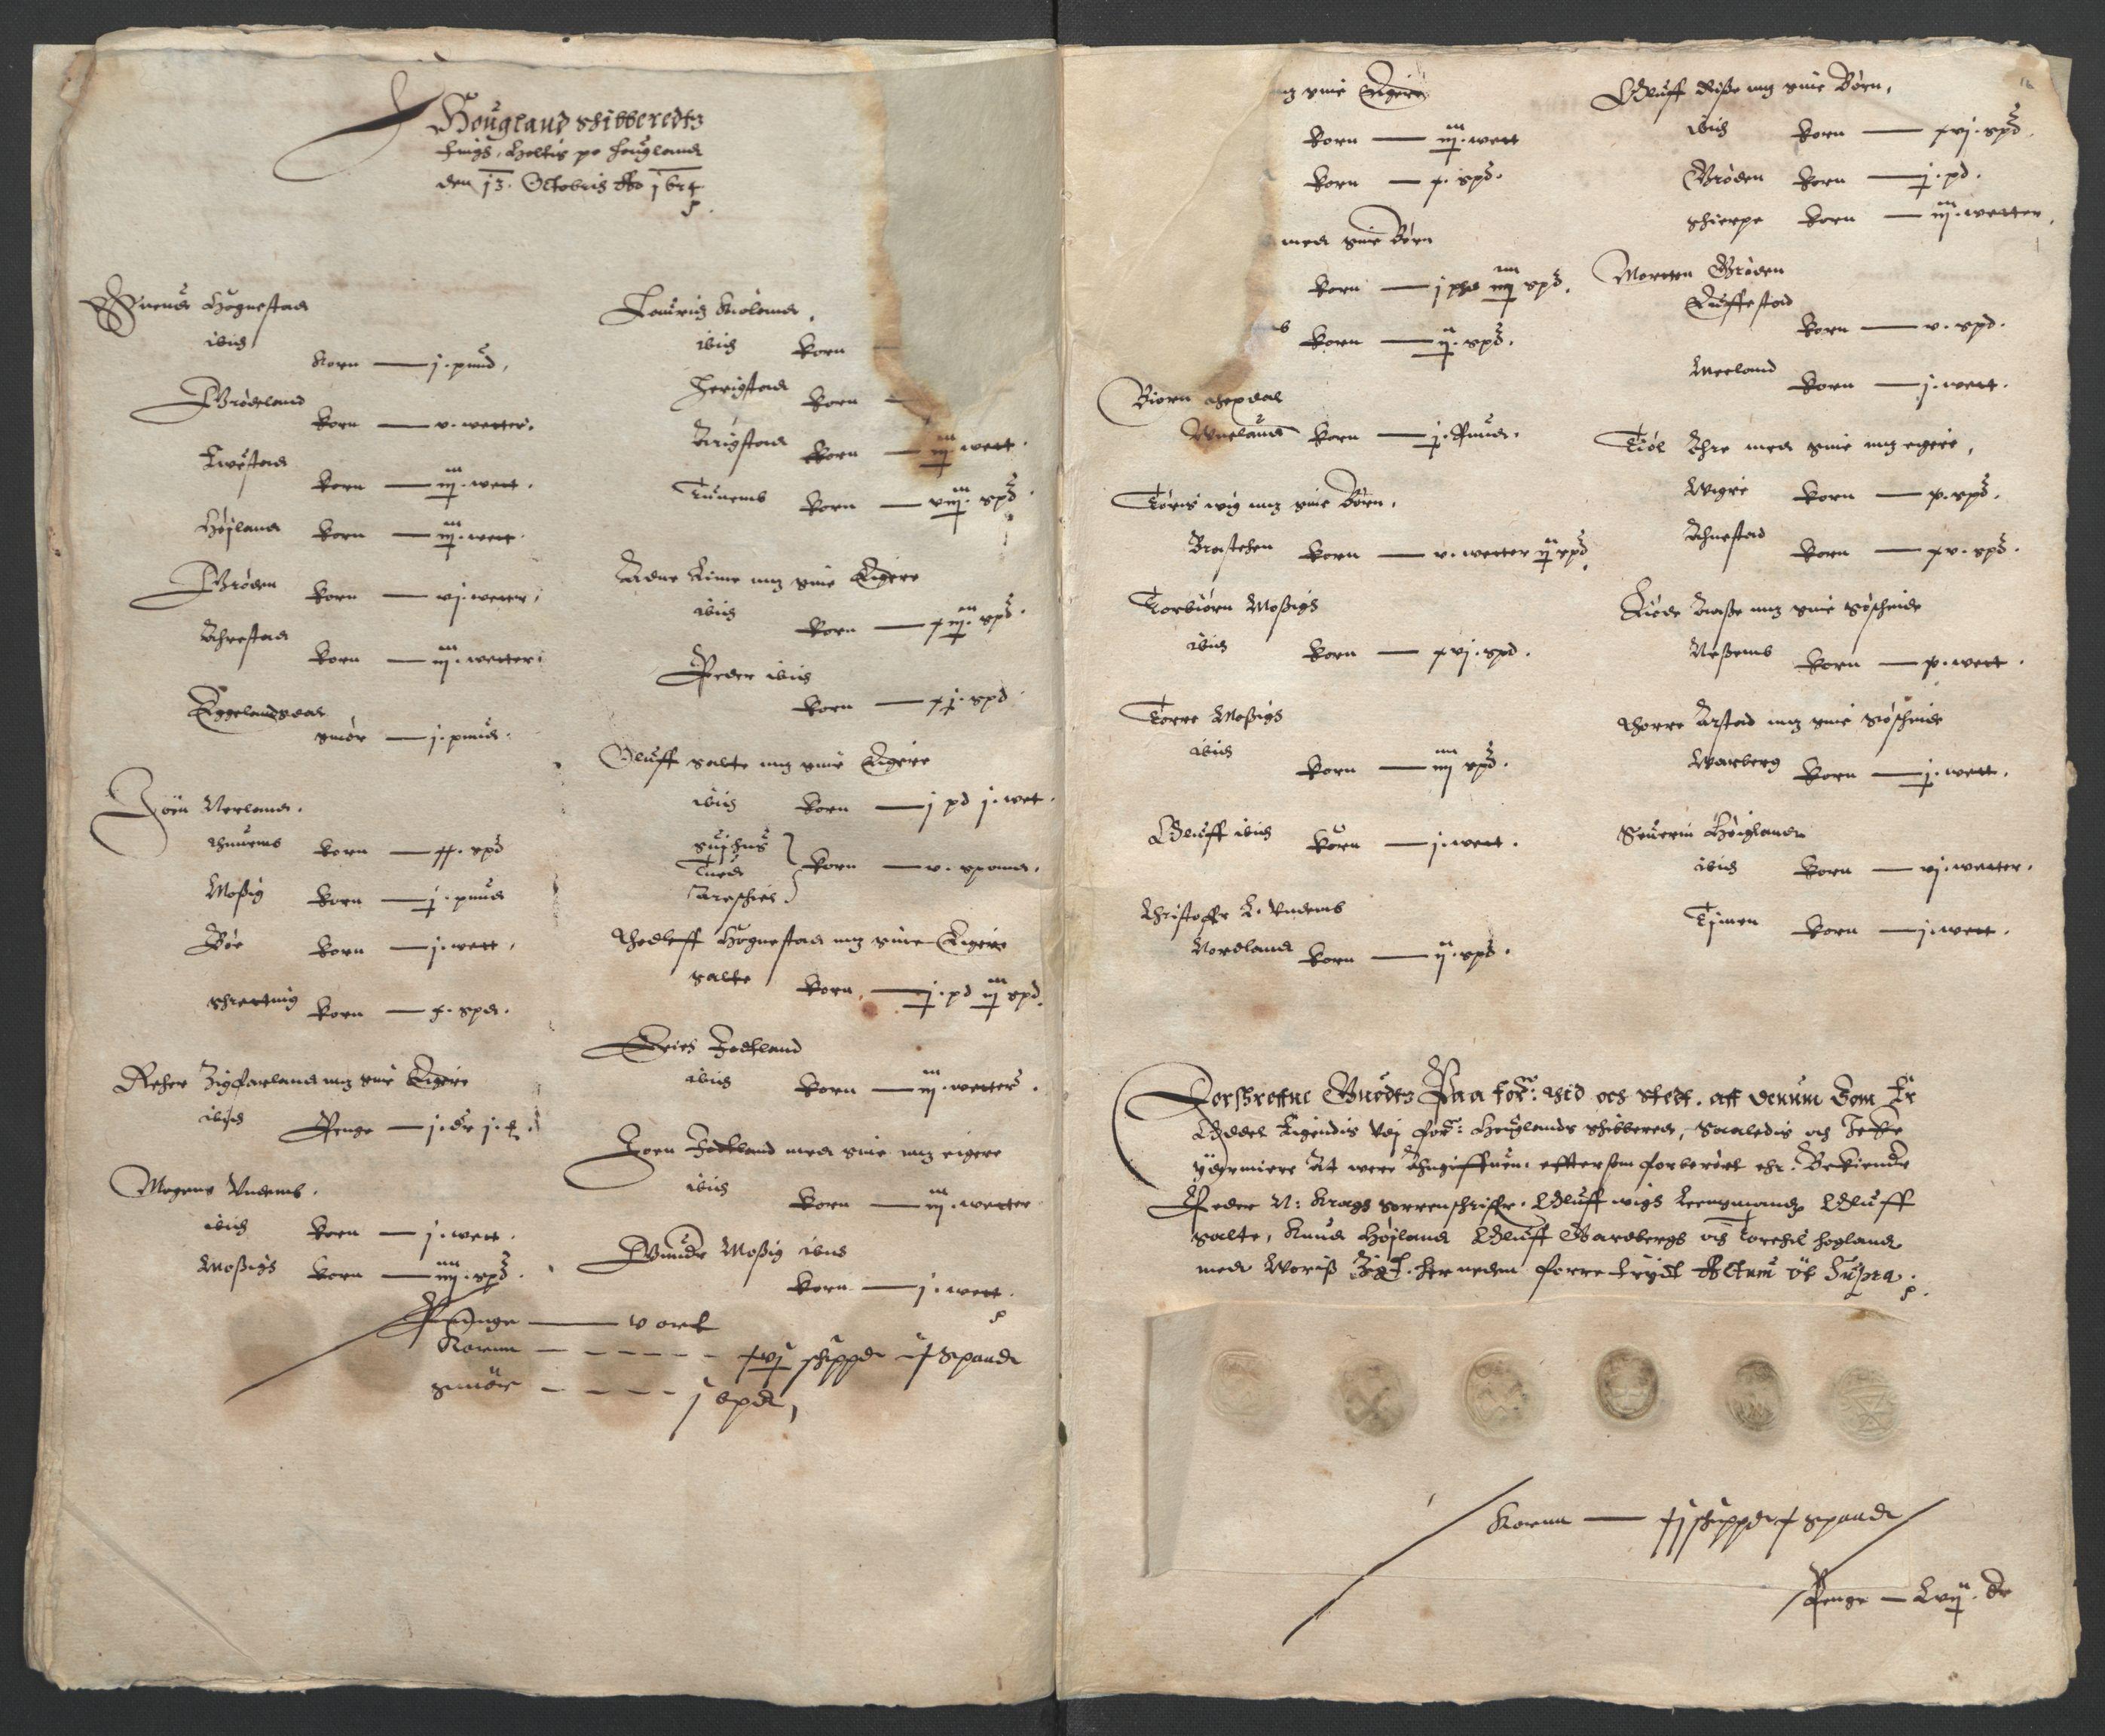 RA, Stattholderembetet 1572-1771, Ek/L0010: Jordebøker til utlikning av rosstjeneste 1624-1626:, 1624-1626, s. 50